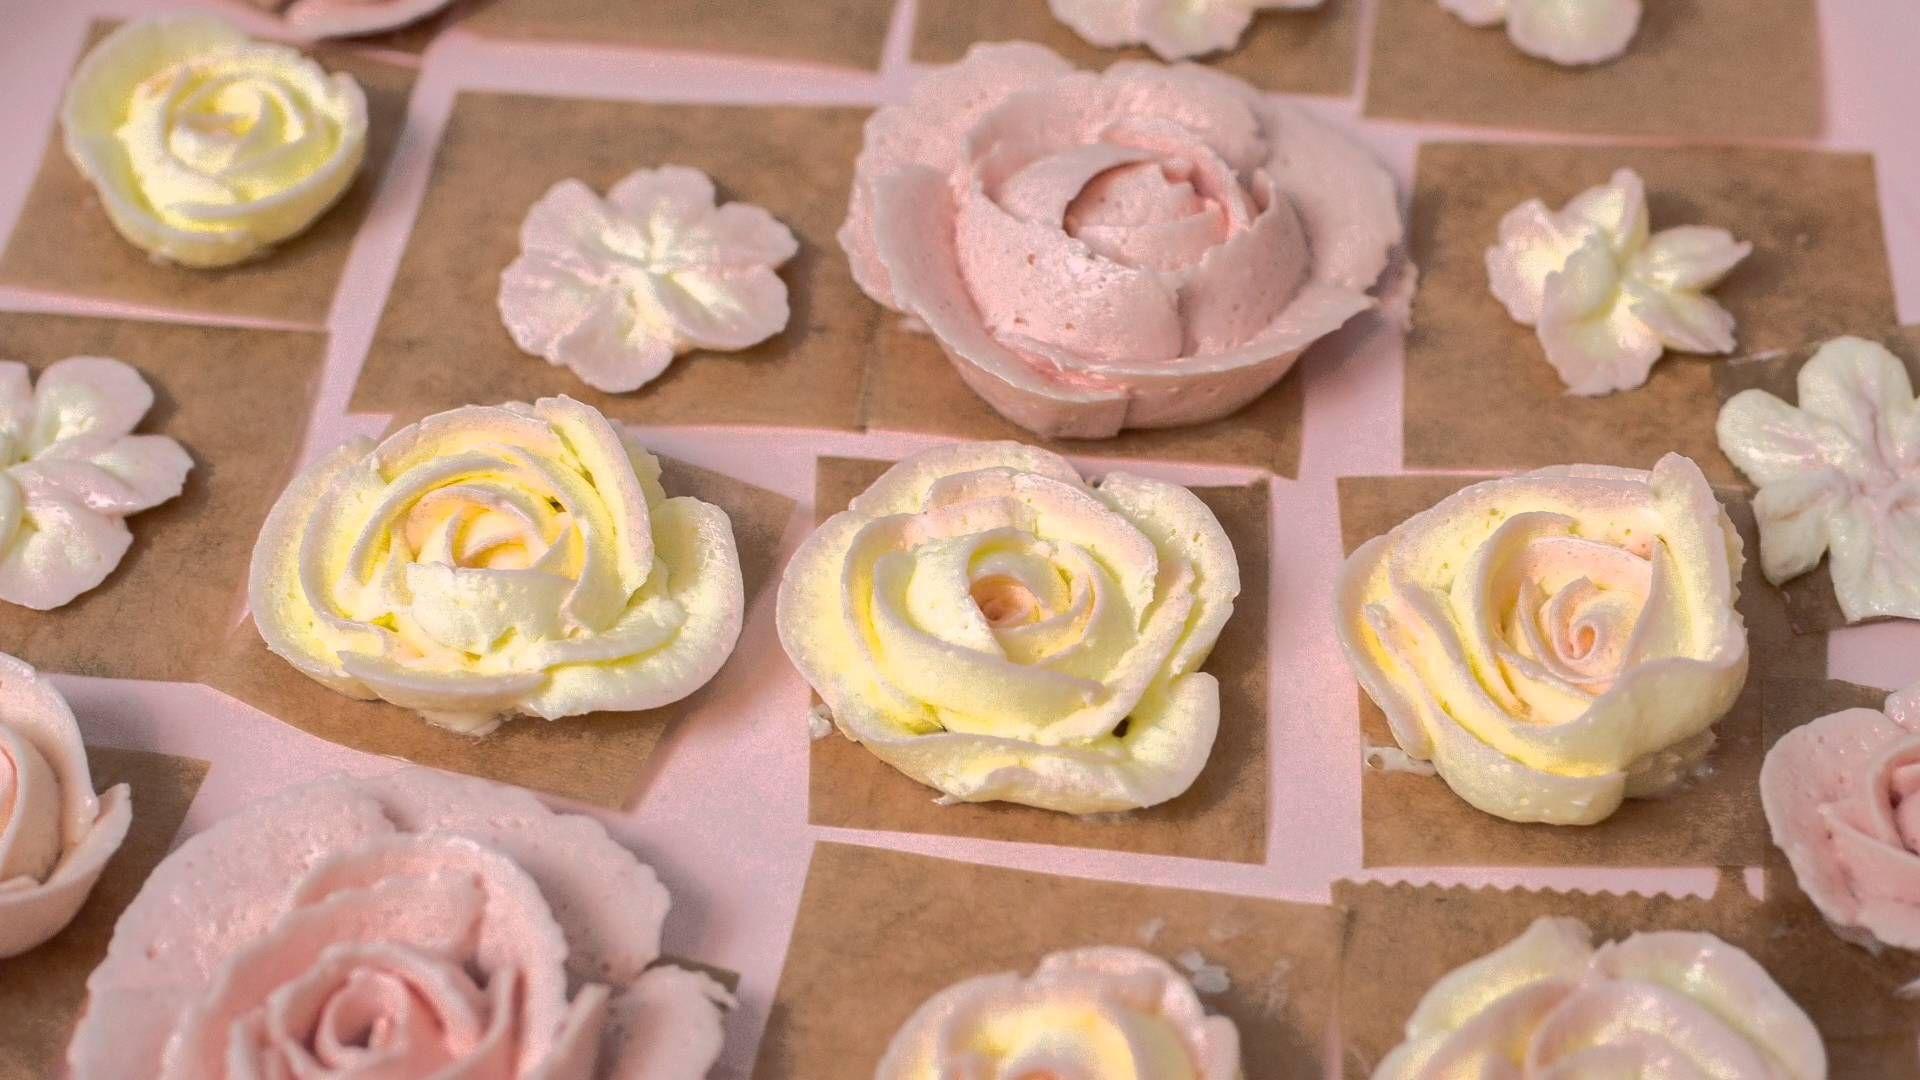 erkl rung und herstellung von buttercreme rosen buttercreme blumen tut videa pinterest. Black Bedroom Furniture Sets. Home Design Ideas